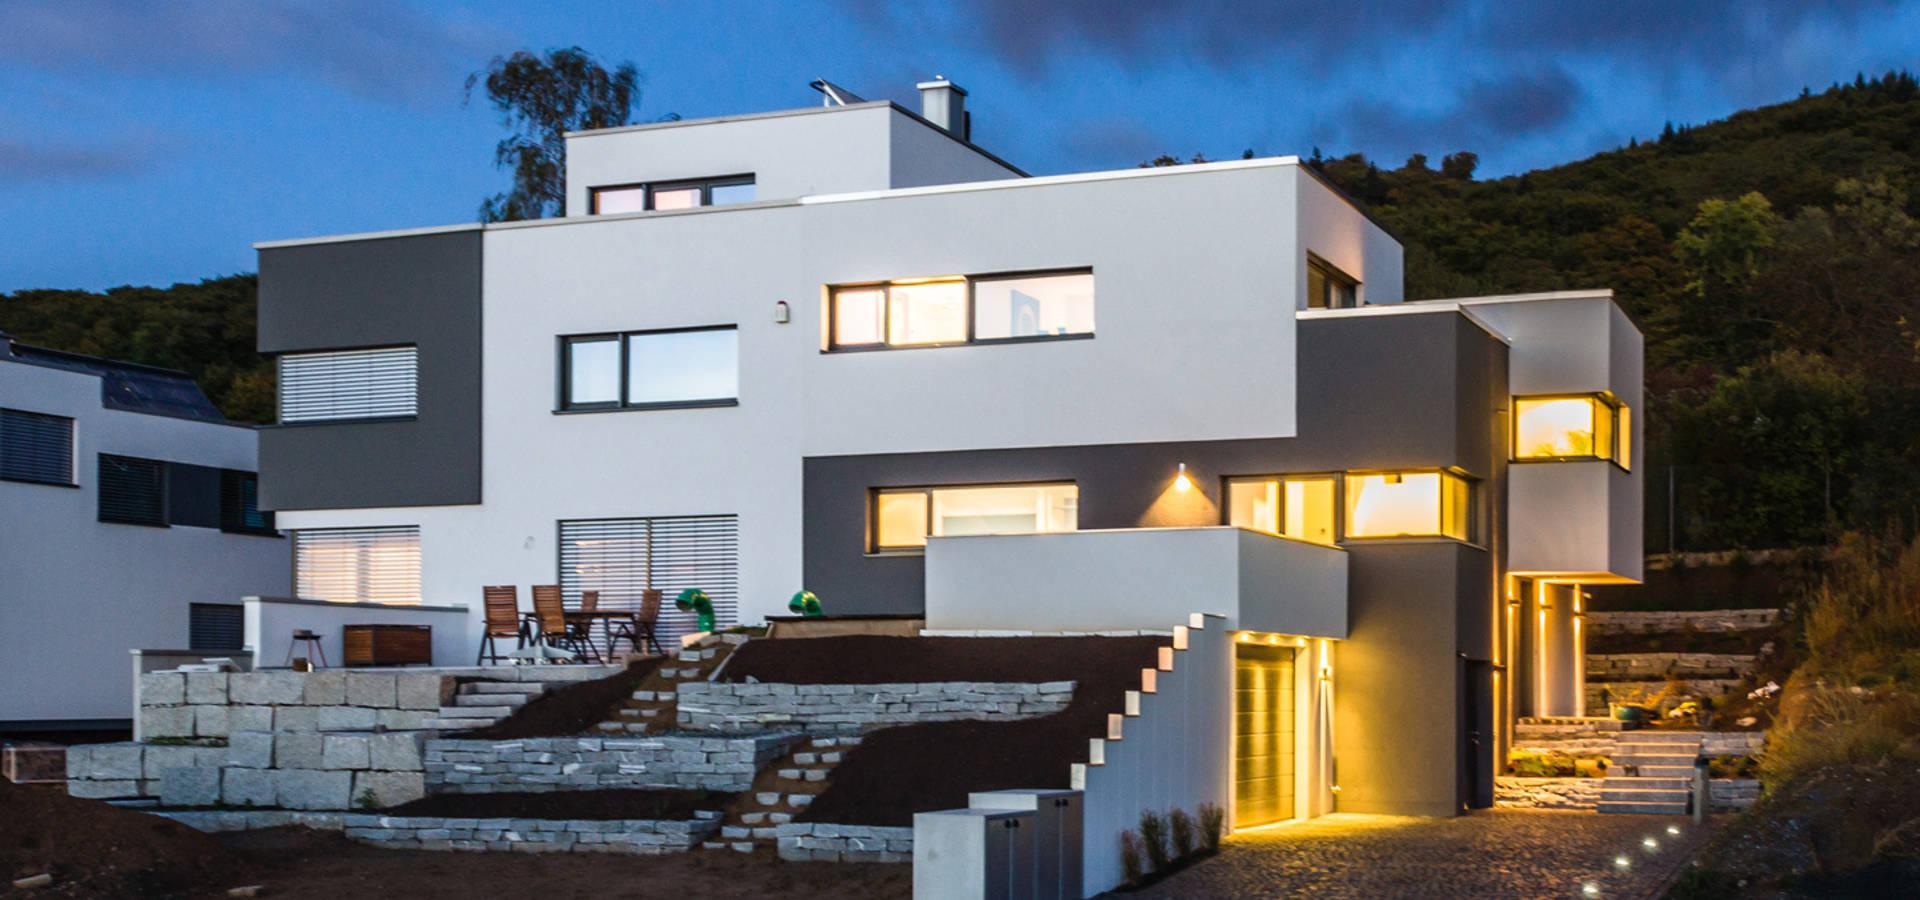 casaio | smart buildings